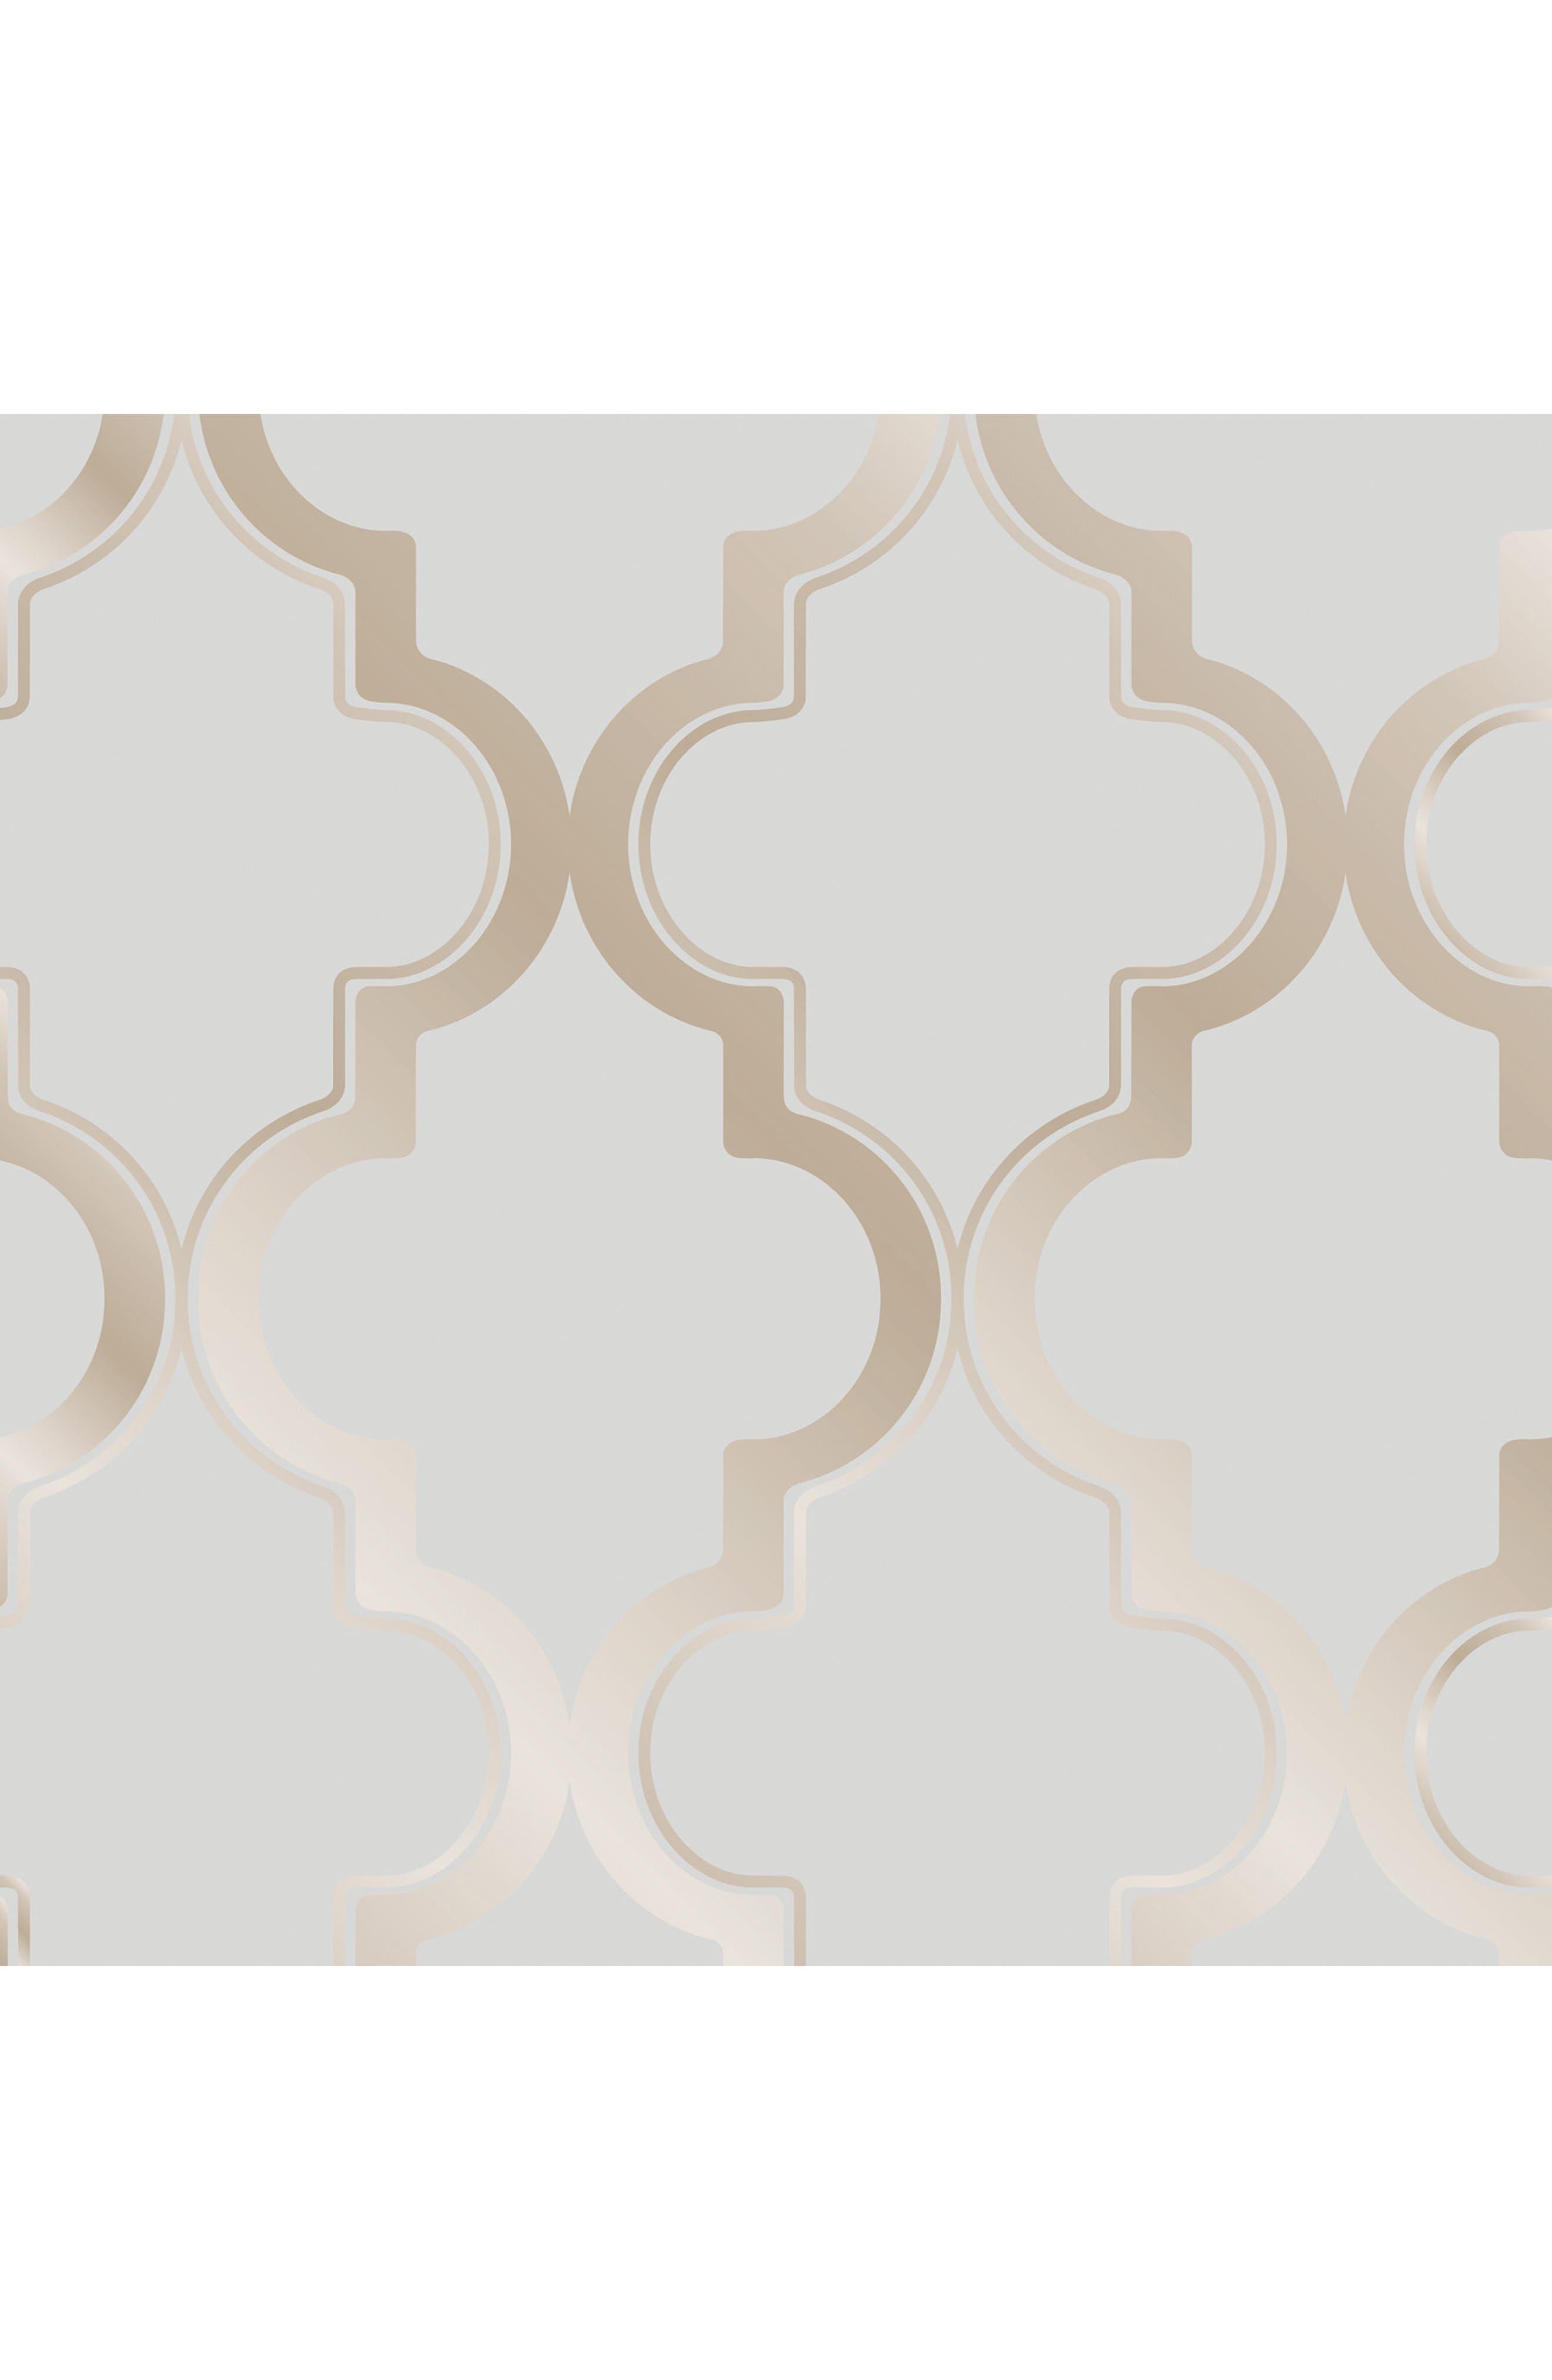 Tempaper Marrakesh Self-Adhesive Vinyl Wallpaper